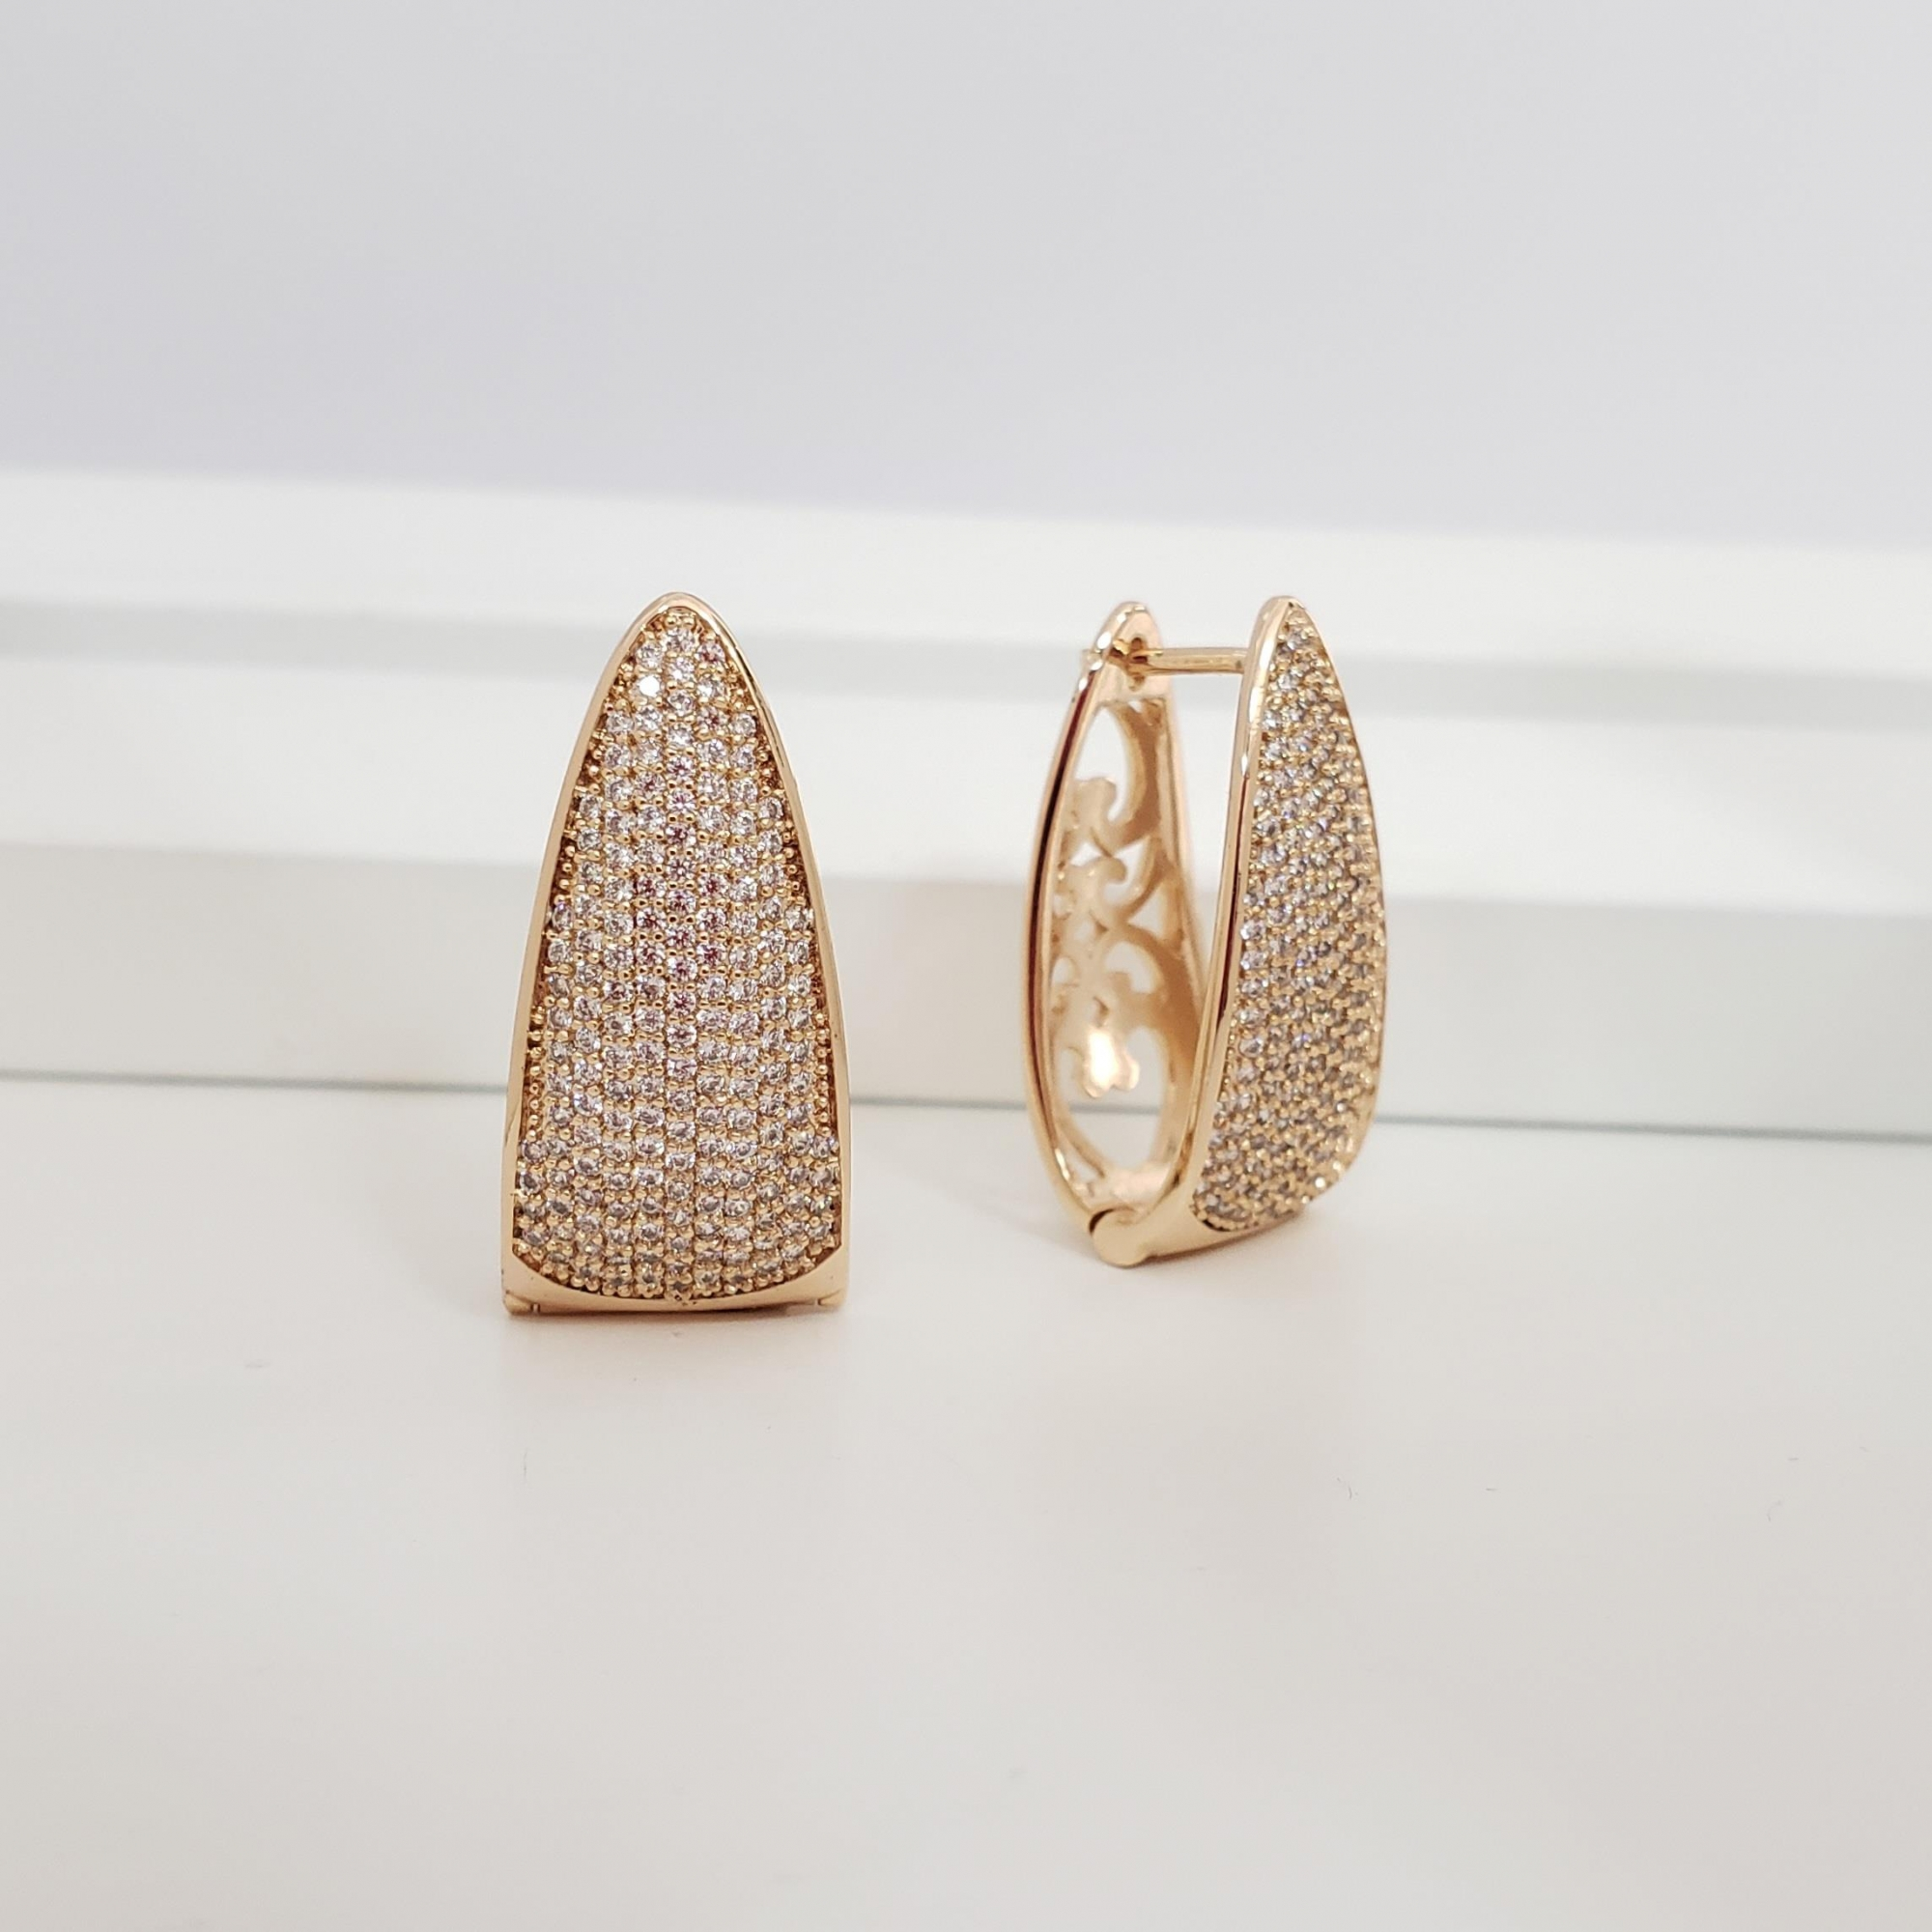 Brinco Argola 2,8cm Abaulada Triangular com Zircônia no Banho Ouro 18k Semijoia